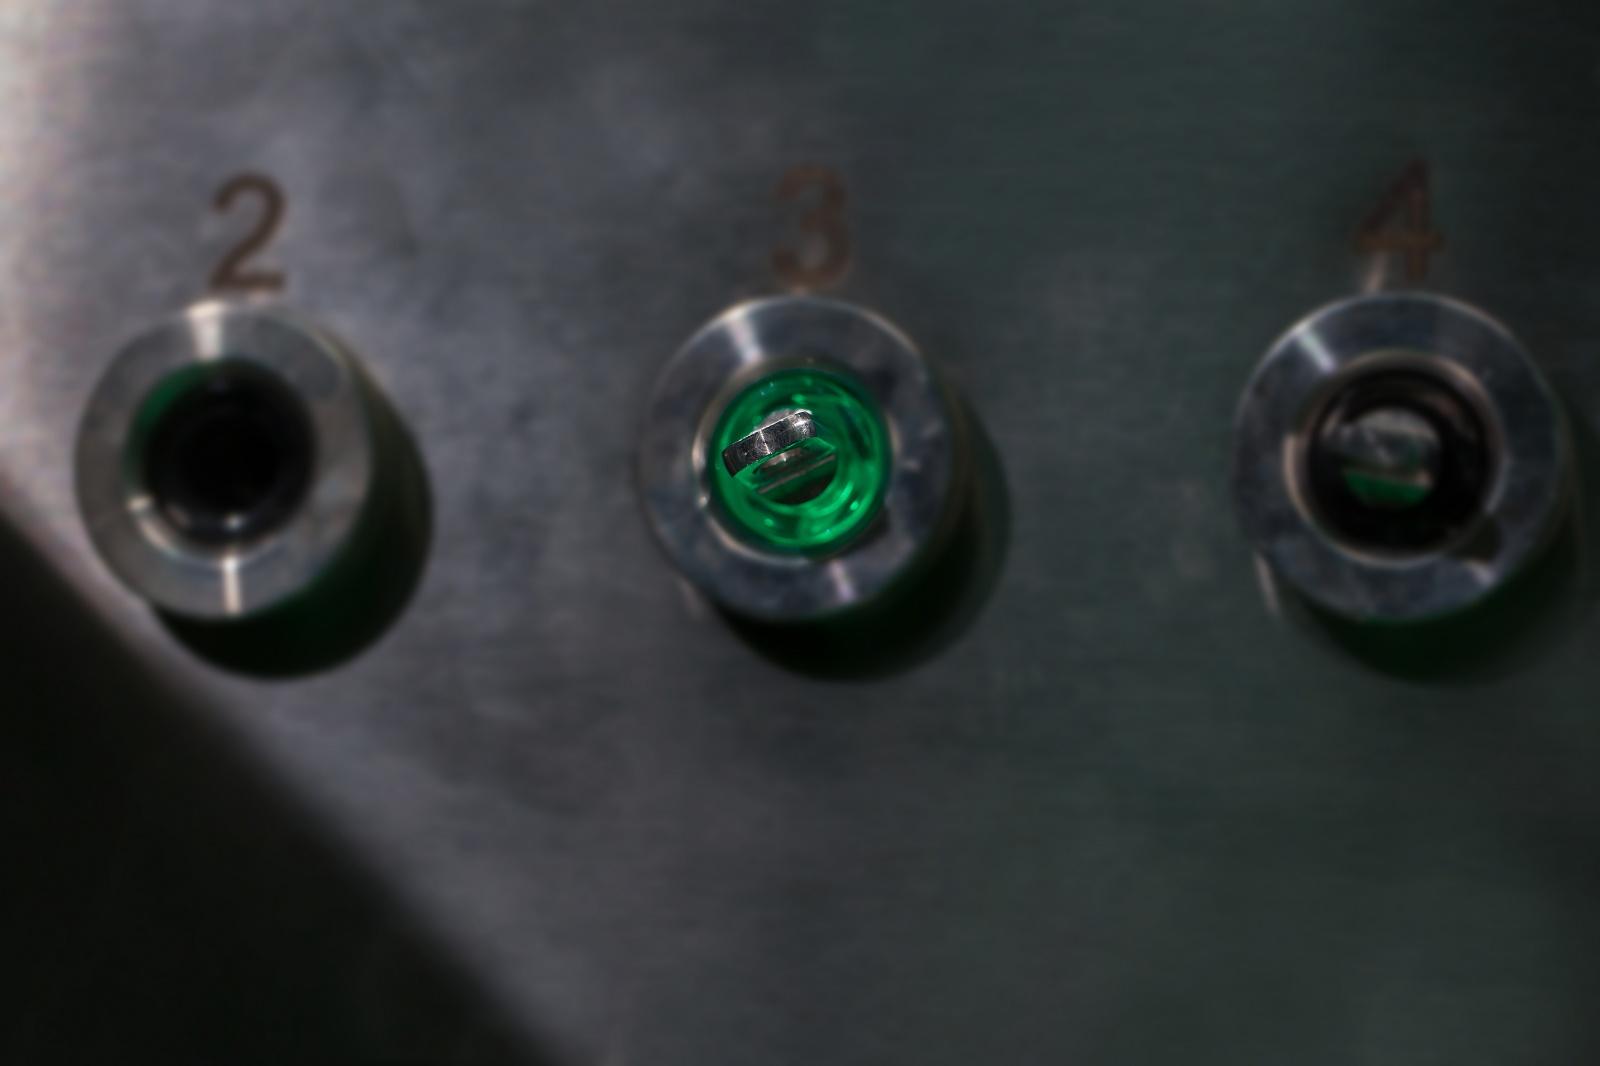 Тестируем умную ключницу (водка, кефир, чужие фотографии) - 1